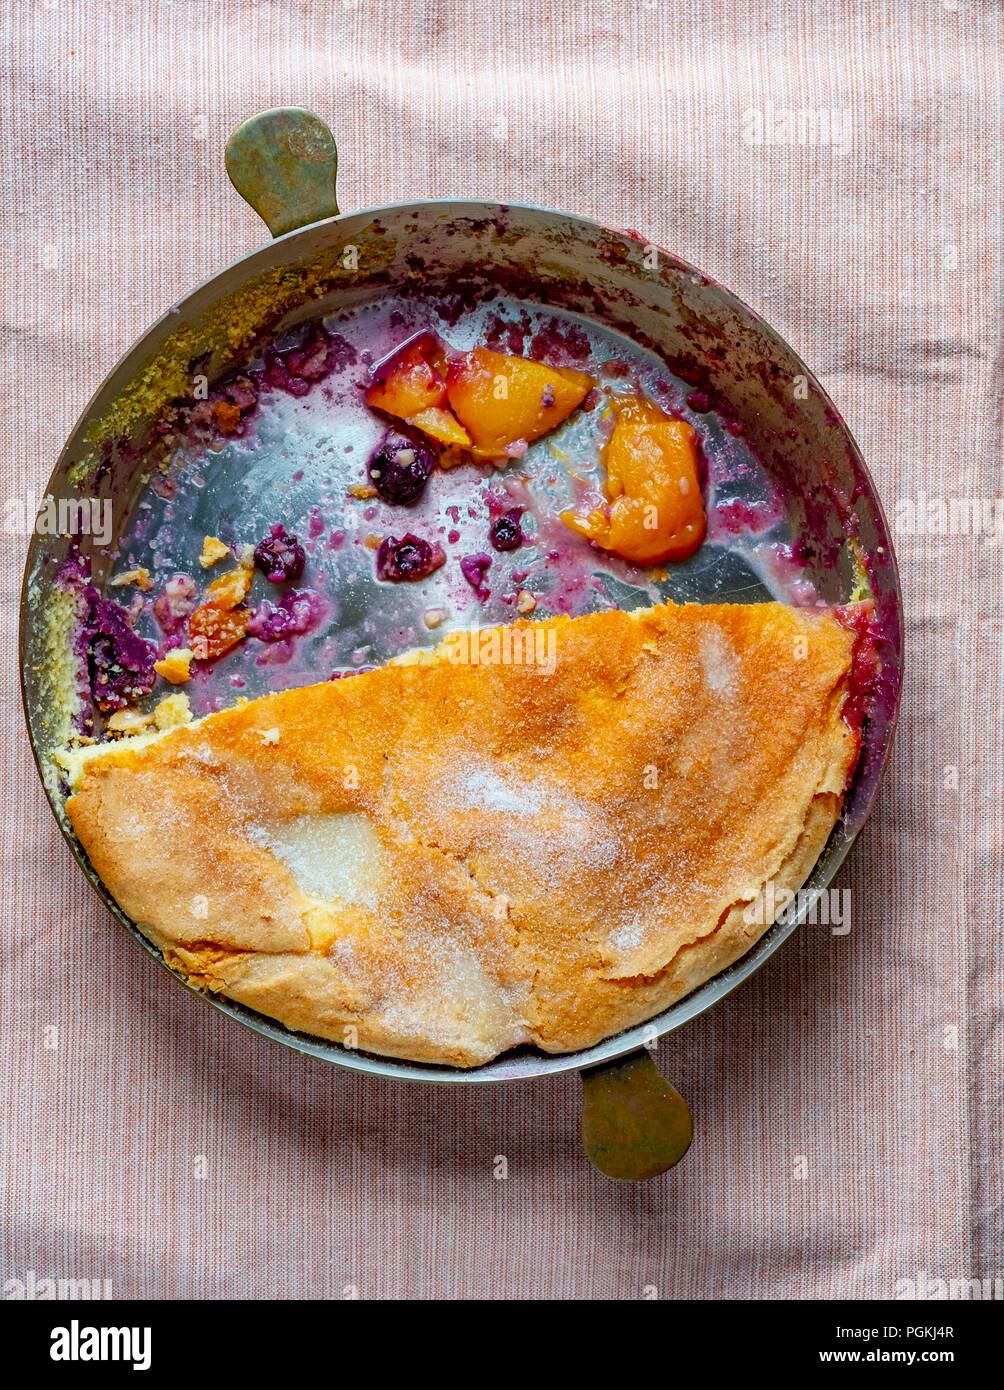 Fruit Cake - Stock Image